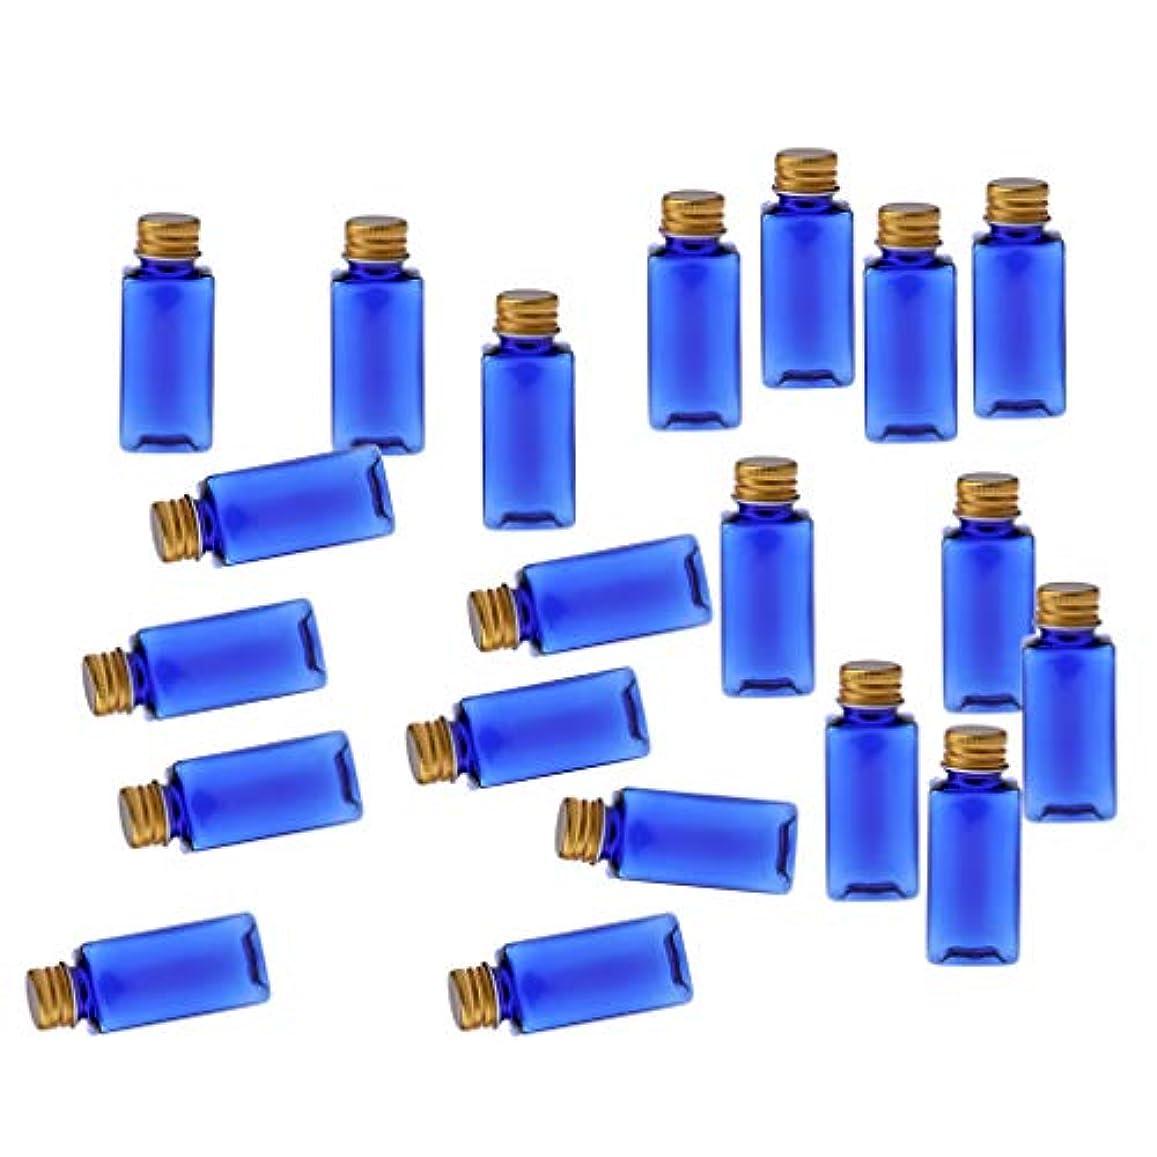 経度のためヒップCUTICATE 化粧ボトル 香水ボトル 液体化粧品 エッセンシャルオイル 香水 ボディオイル 20個入り - ブルーゴールド